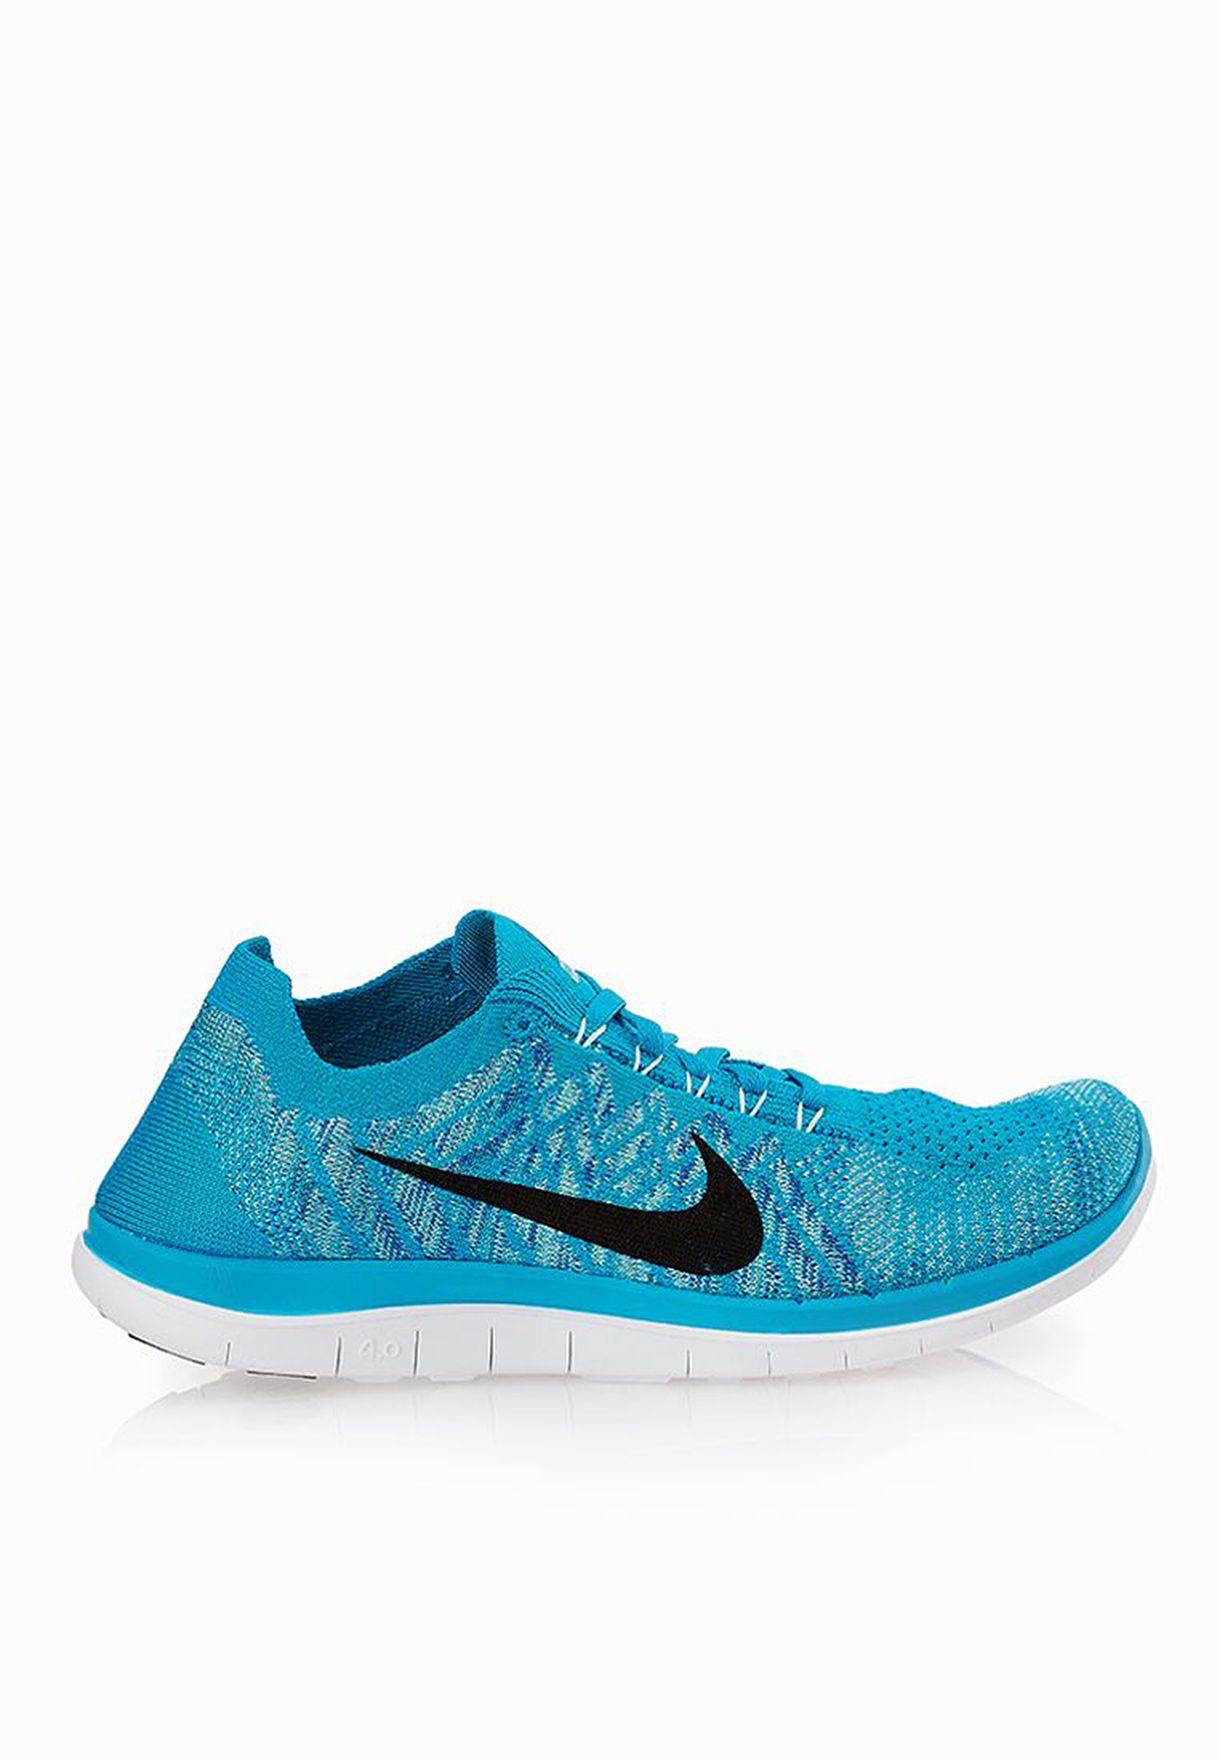 1ad5a0e6ecc30 Shop Nike blue Free 4.0 Flyknit 717076-400 for Women in UAE ...